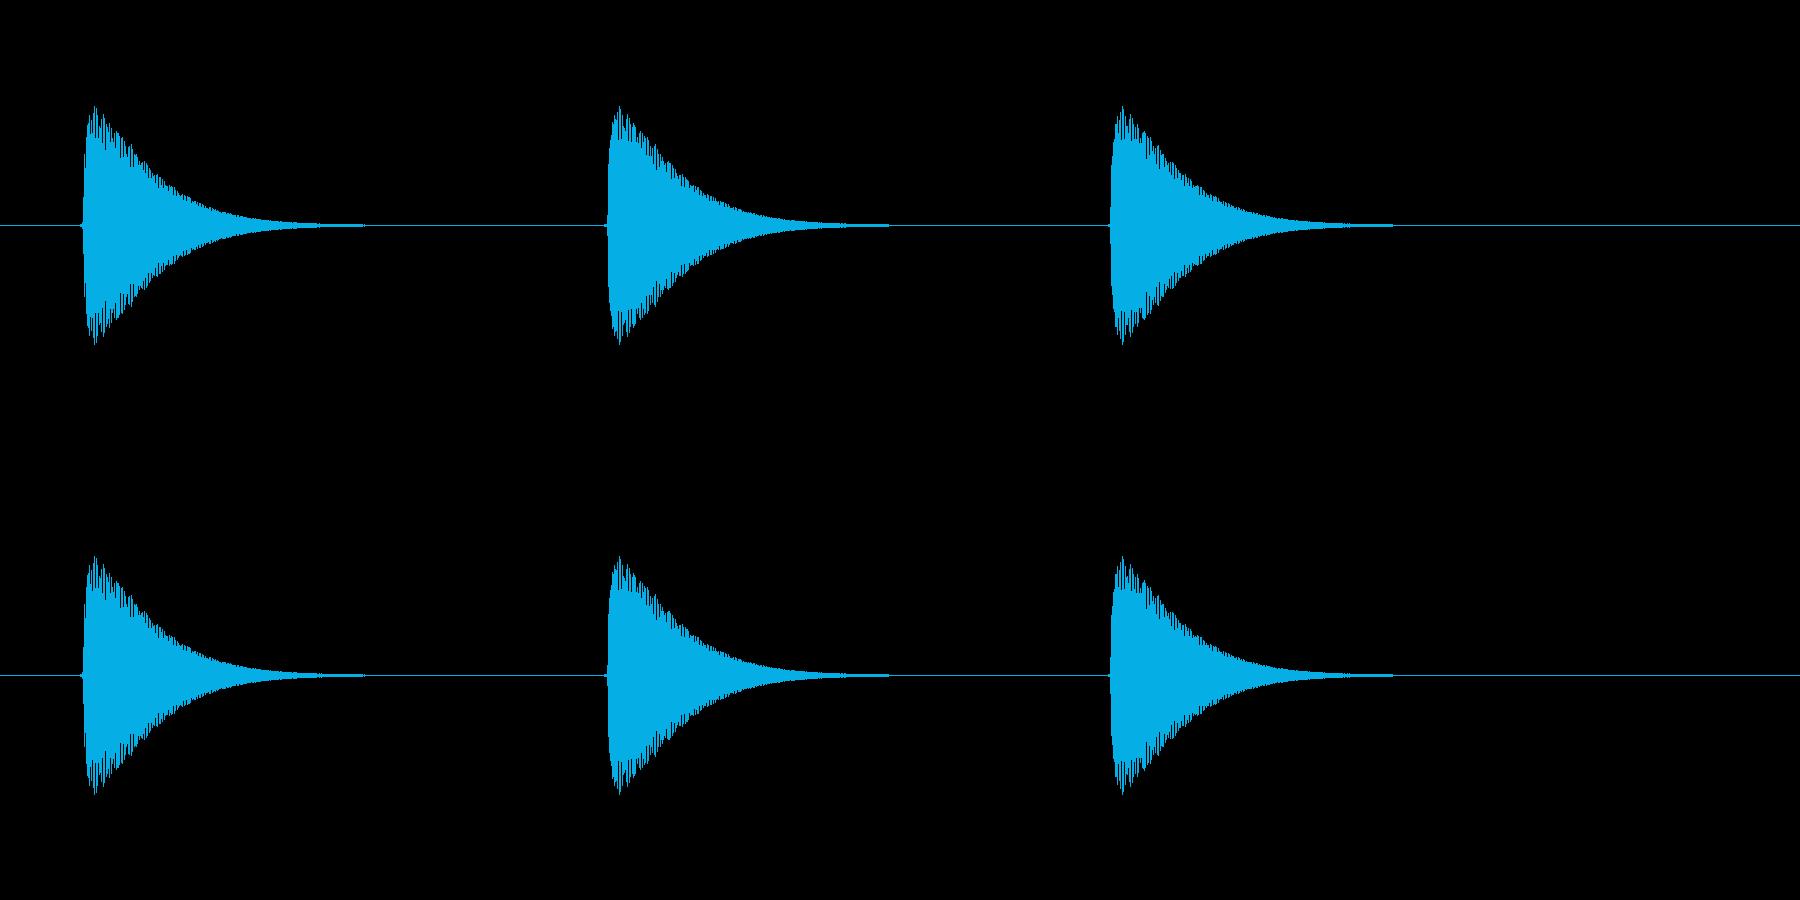 【ショートブリッジ13-3】の再生済みの波形